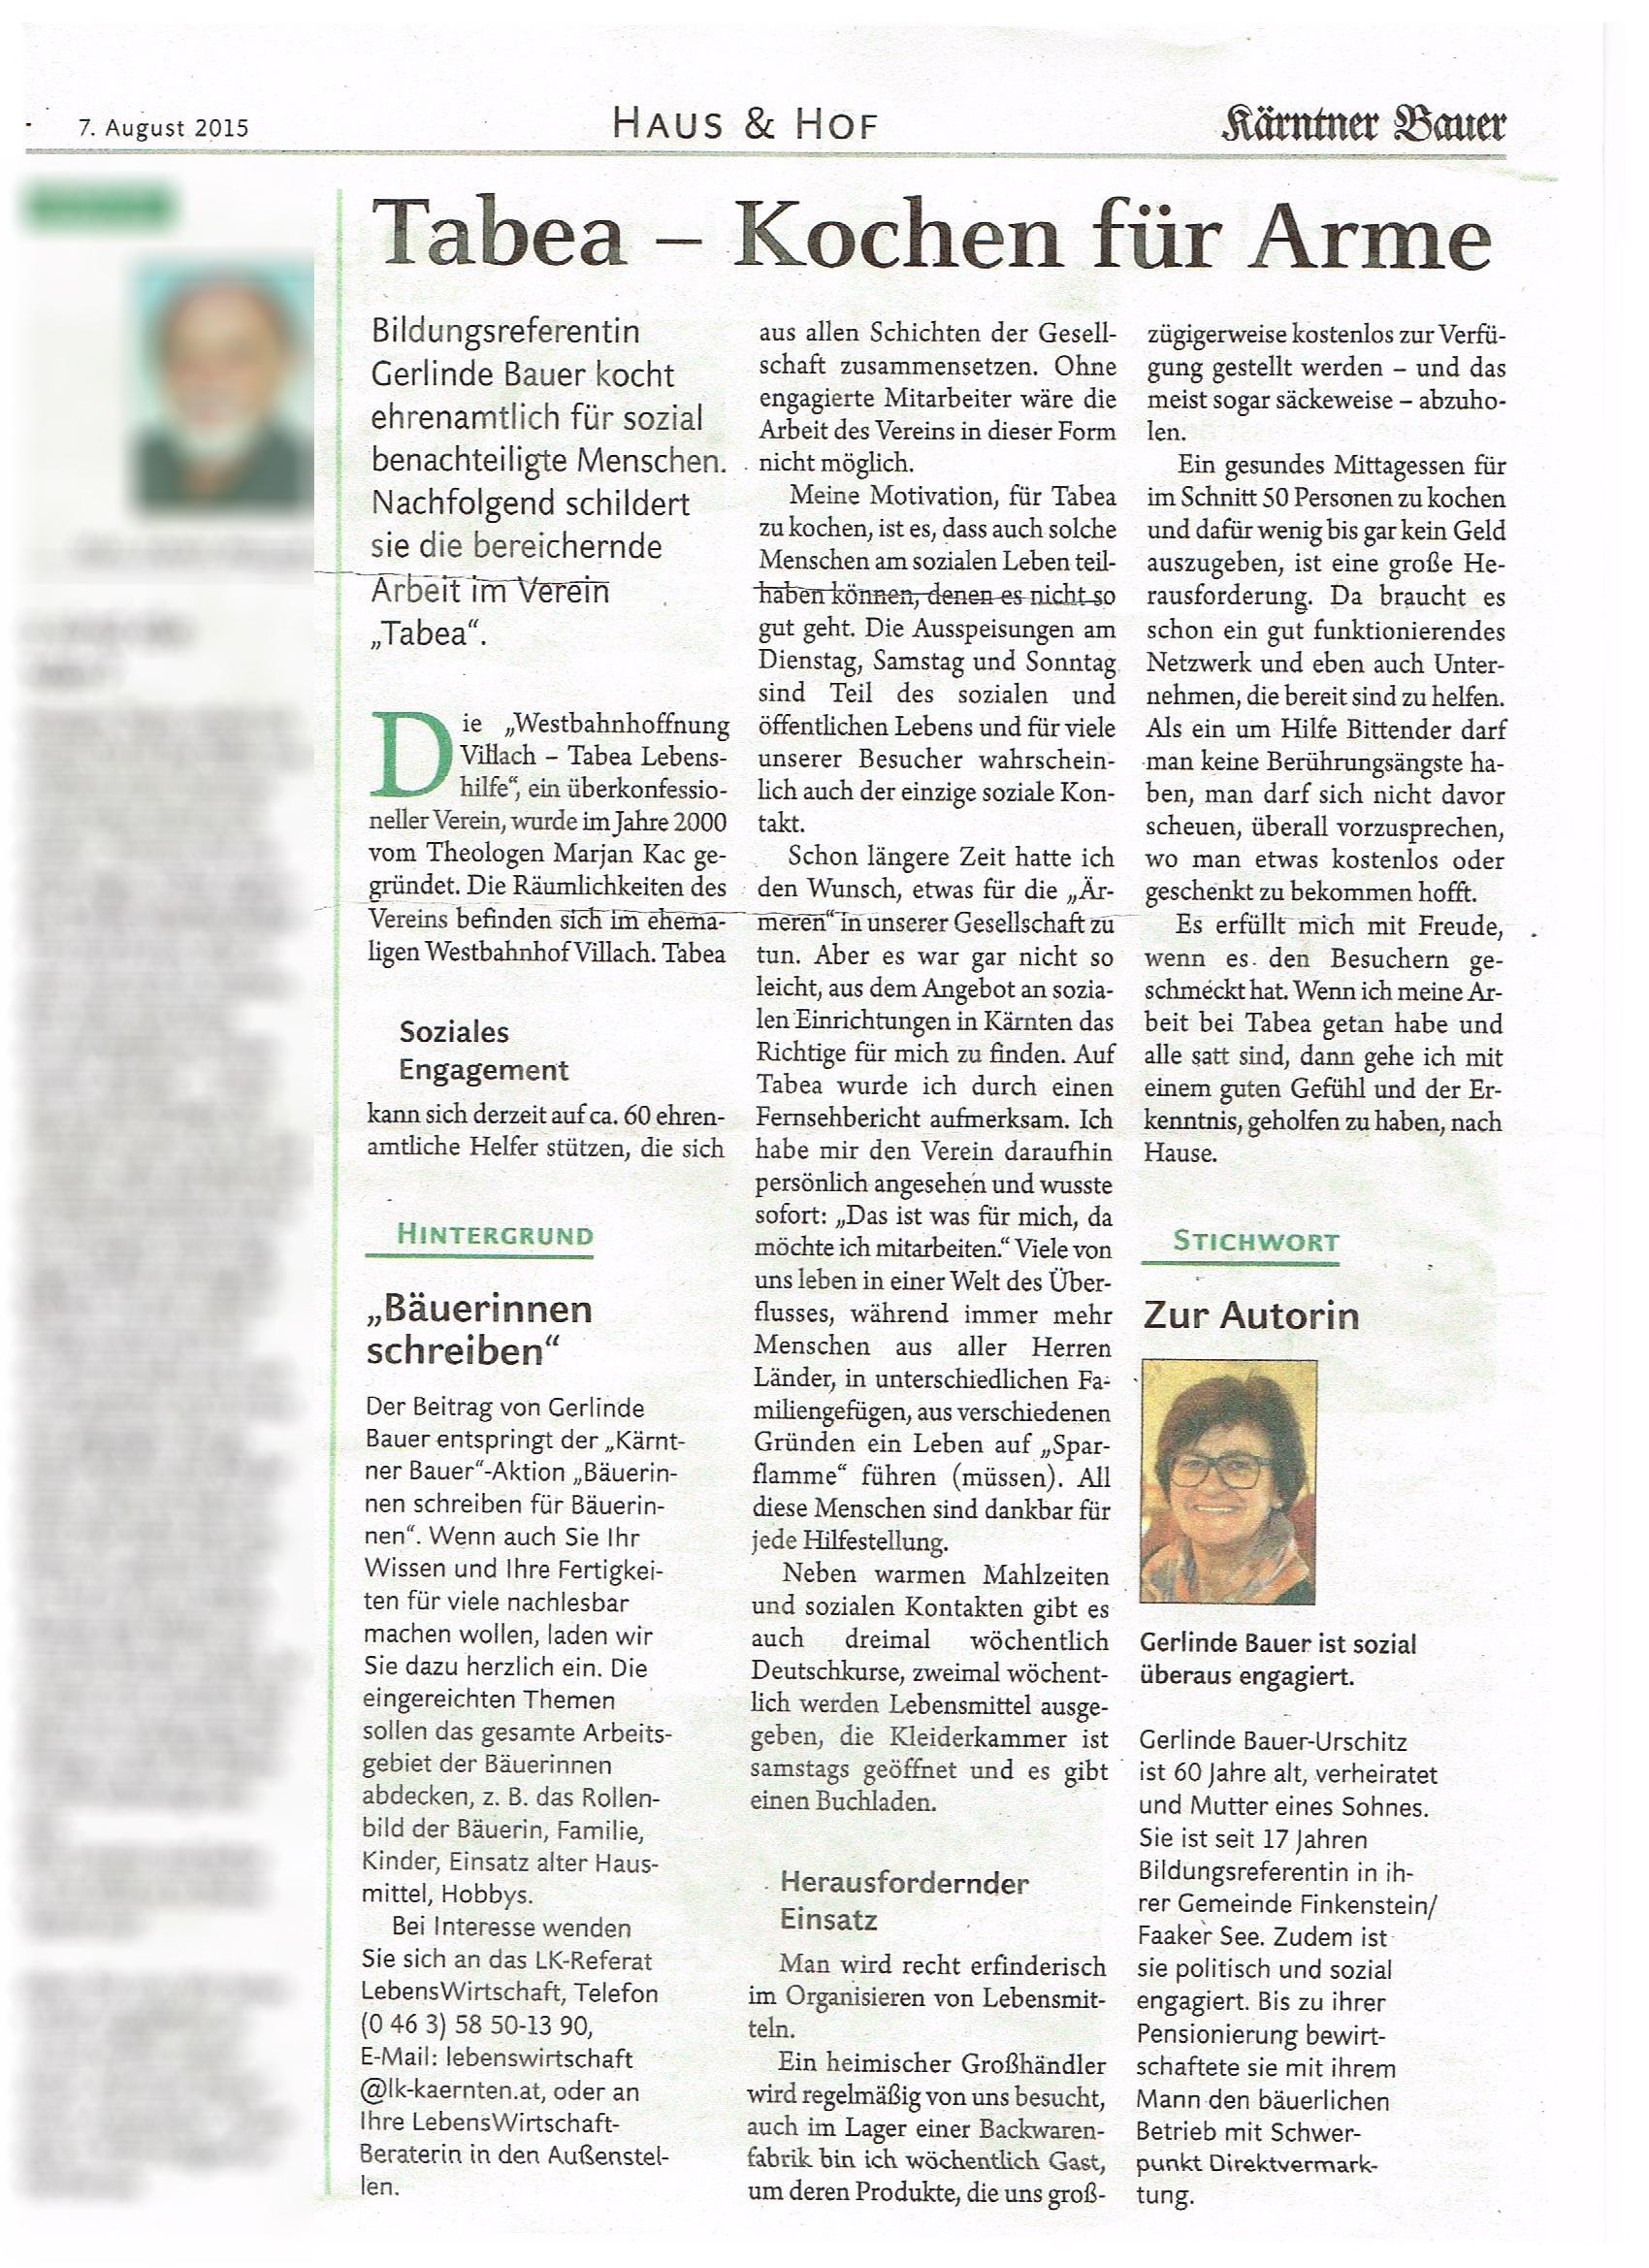 Westbahnhoffnung Villach - Tabea Lebenshilfe - Zeitungsberichte